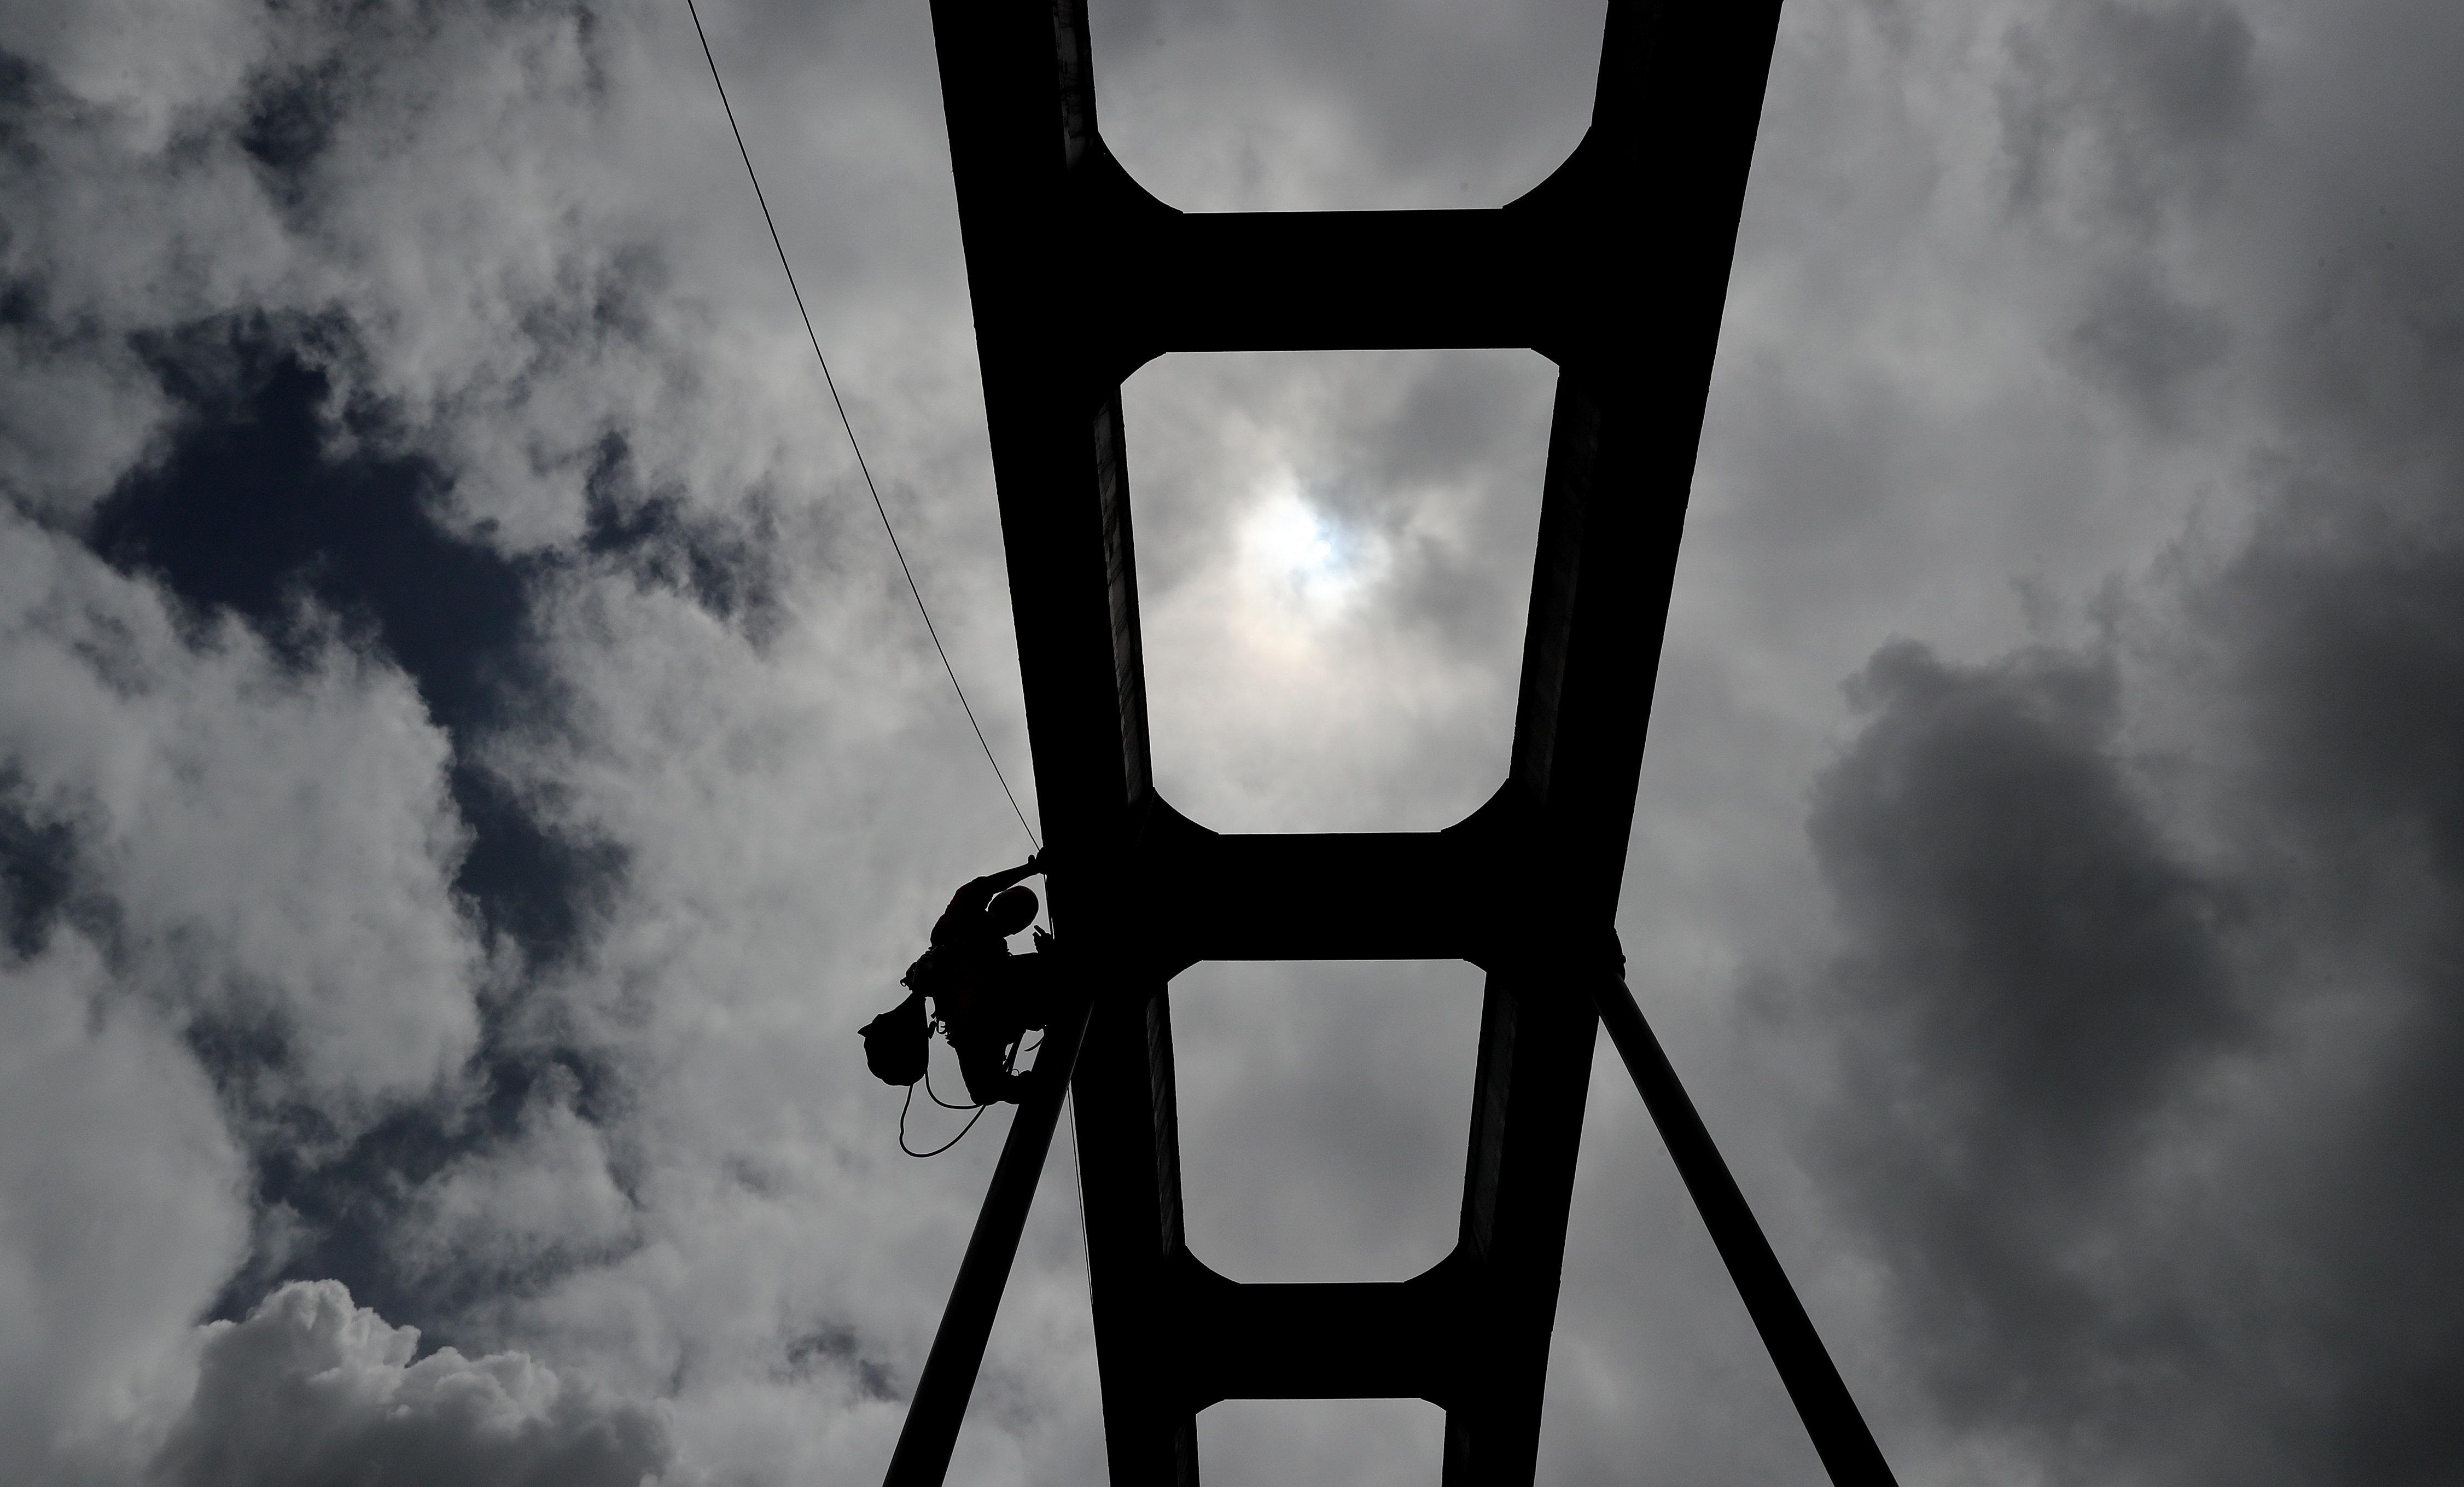 Activistes de Greenpeace escalen un pont per penjar una pancarta en contra de l'ús de l'asbest, a Bogotà (Colòmbia). D'aquesta manera volen enviar un missatge als congressistes que tenen a les seves mans la salut de tota Colòmbia. /LEONARDO MUÑOZ